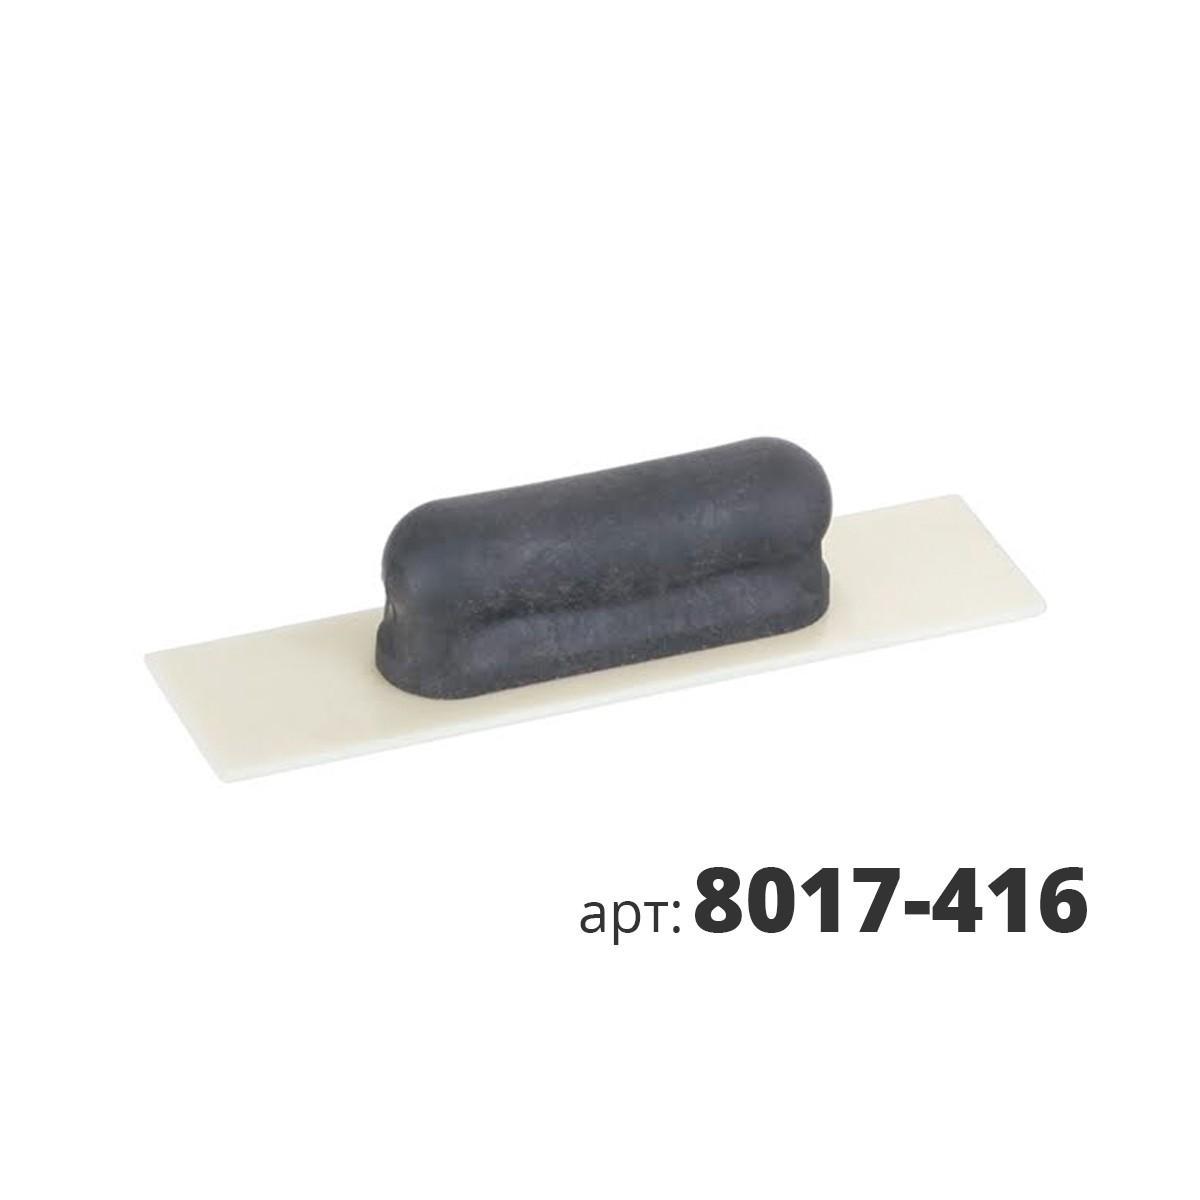 KUHLEN мини-кельма пластиковая прямоугольная 8017-416